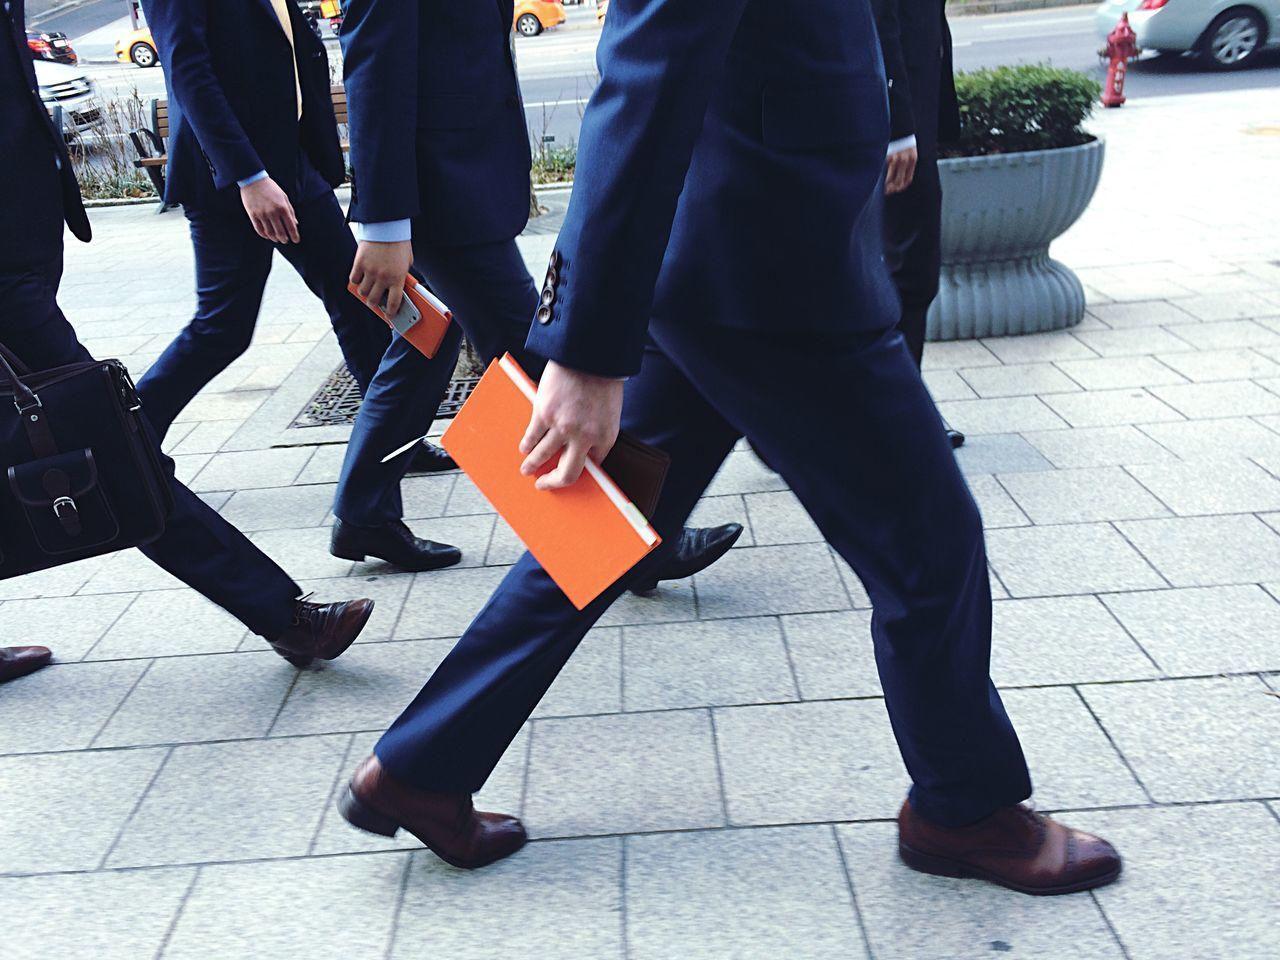 Low Section Of Businessmen Walking On Sidewalk